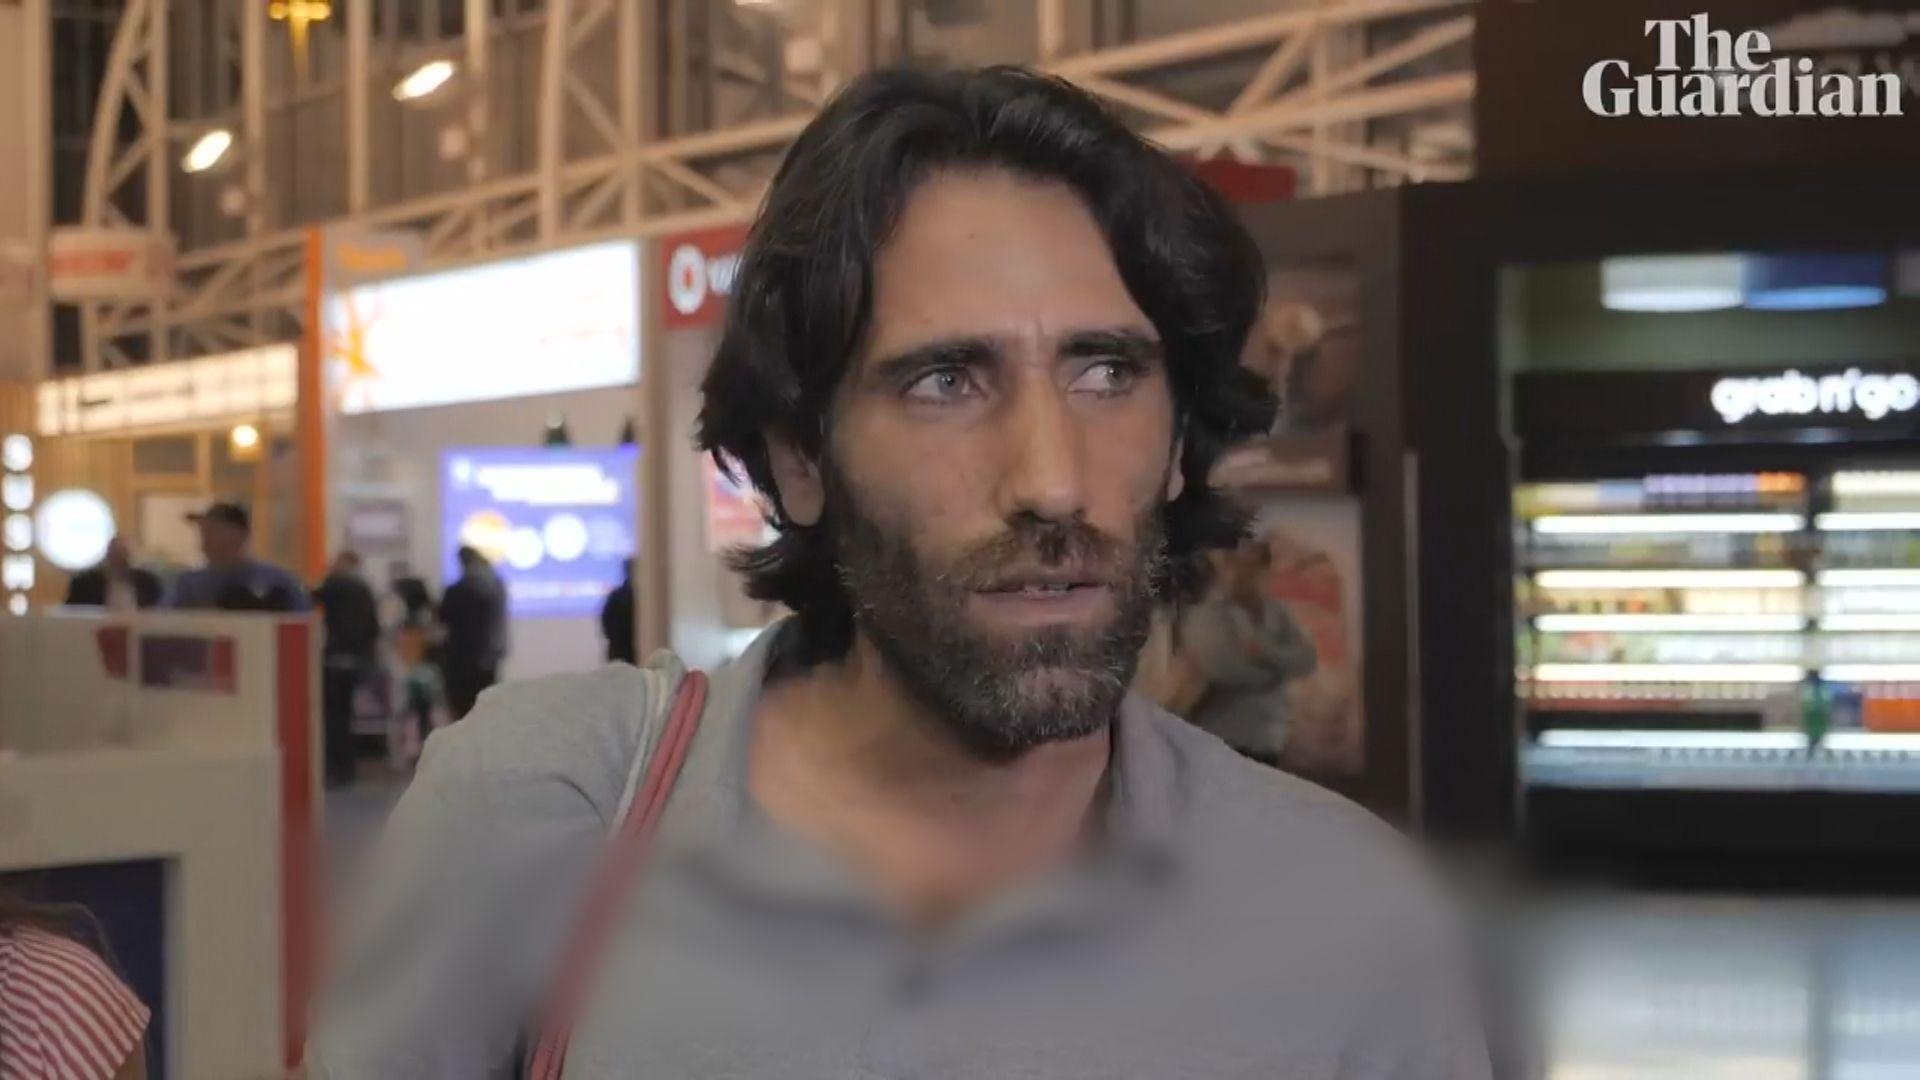 伊朗記者布沙尼抵新西蘭重獲自由